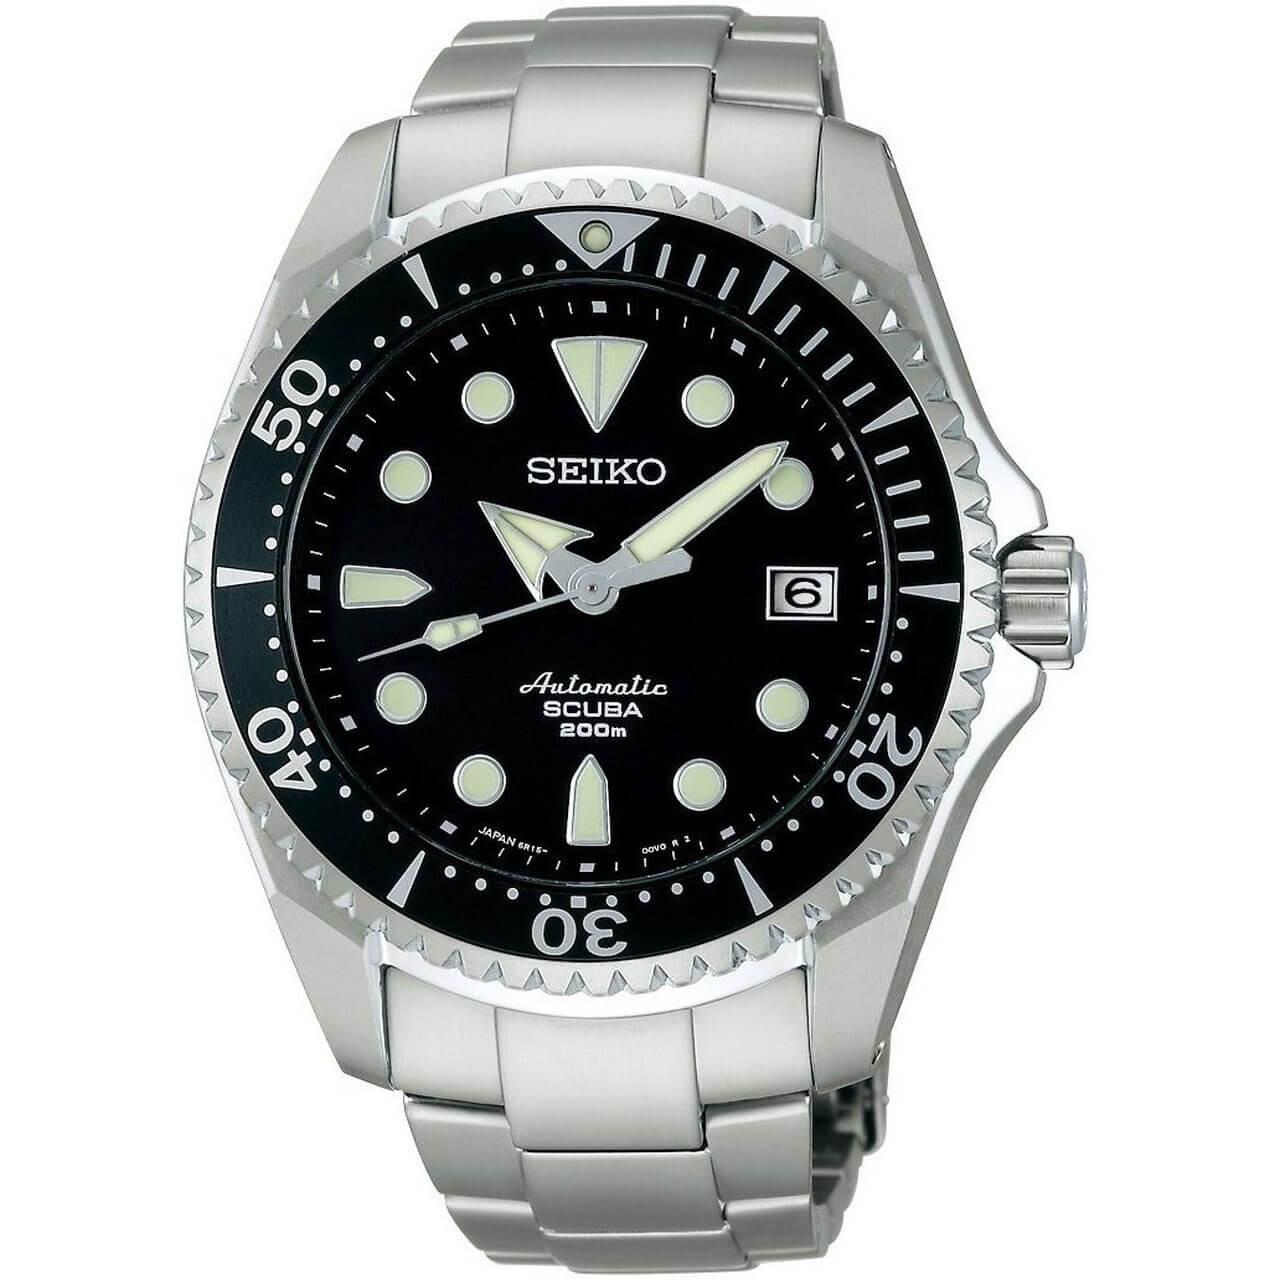 Seiko Prospex SBDC007 Diver Titanium Automatic